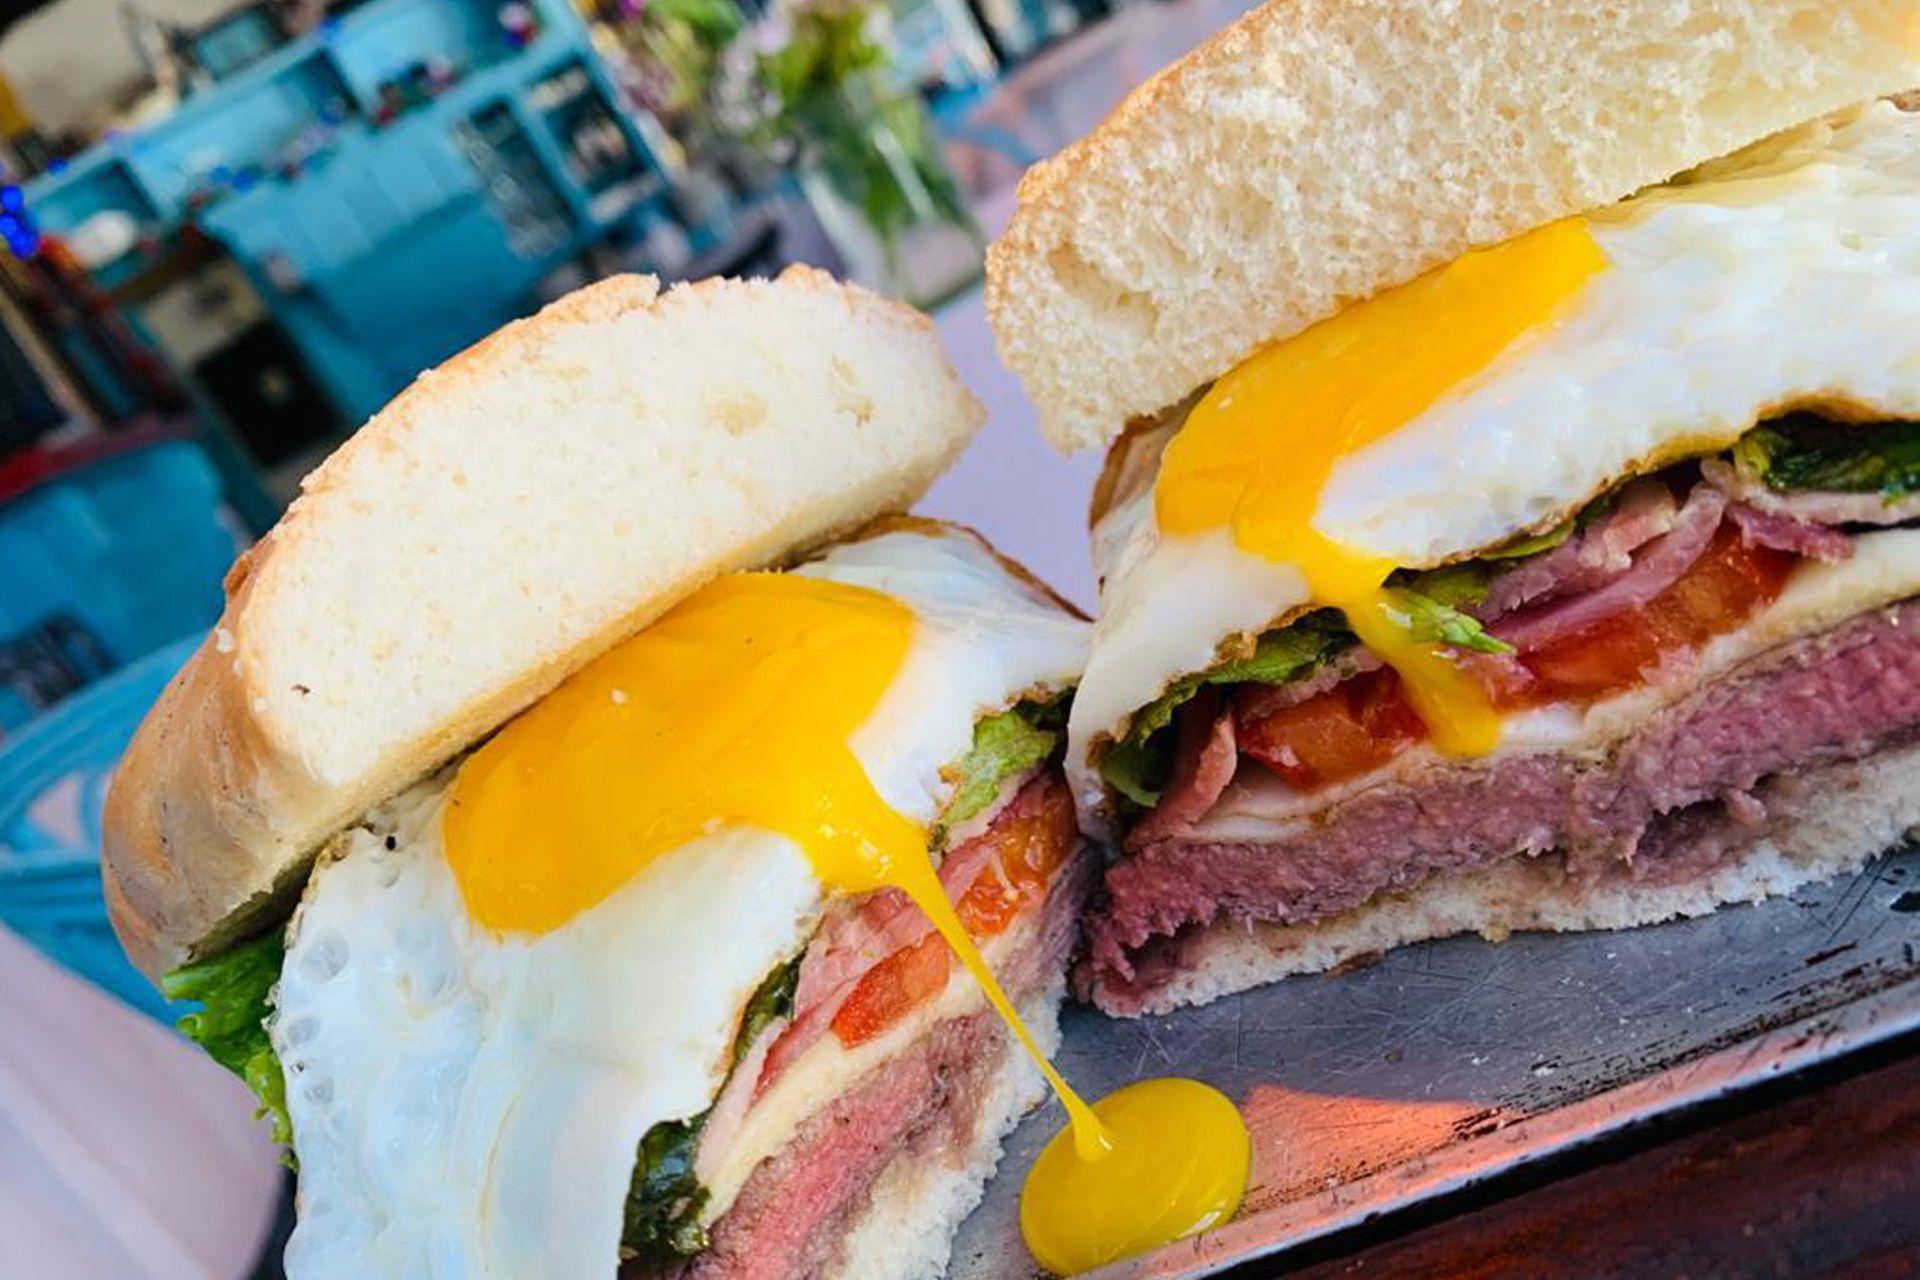 Queso, panceta ahumada, tomates confitados, rúcula orgánica y un huevo de campo frito con la yema bien cremosa forman parte del sándwich de chivito de Bar de Carnes.